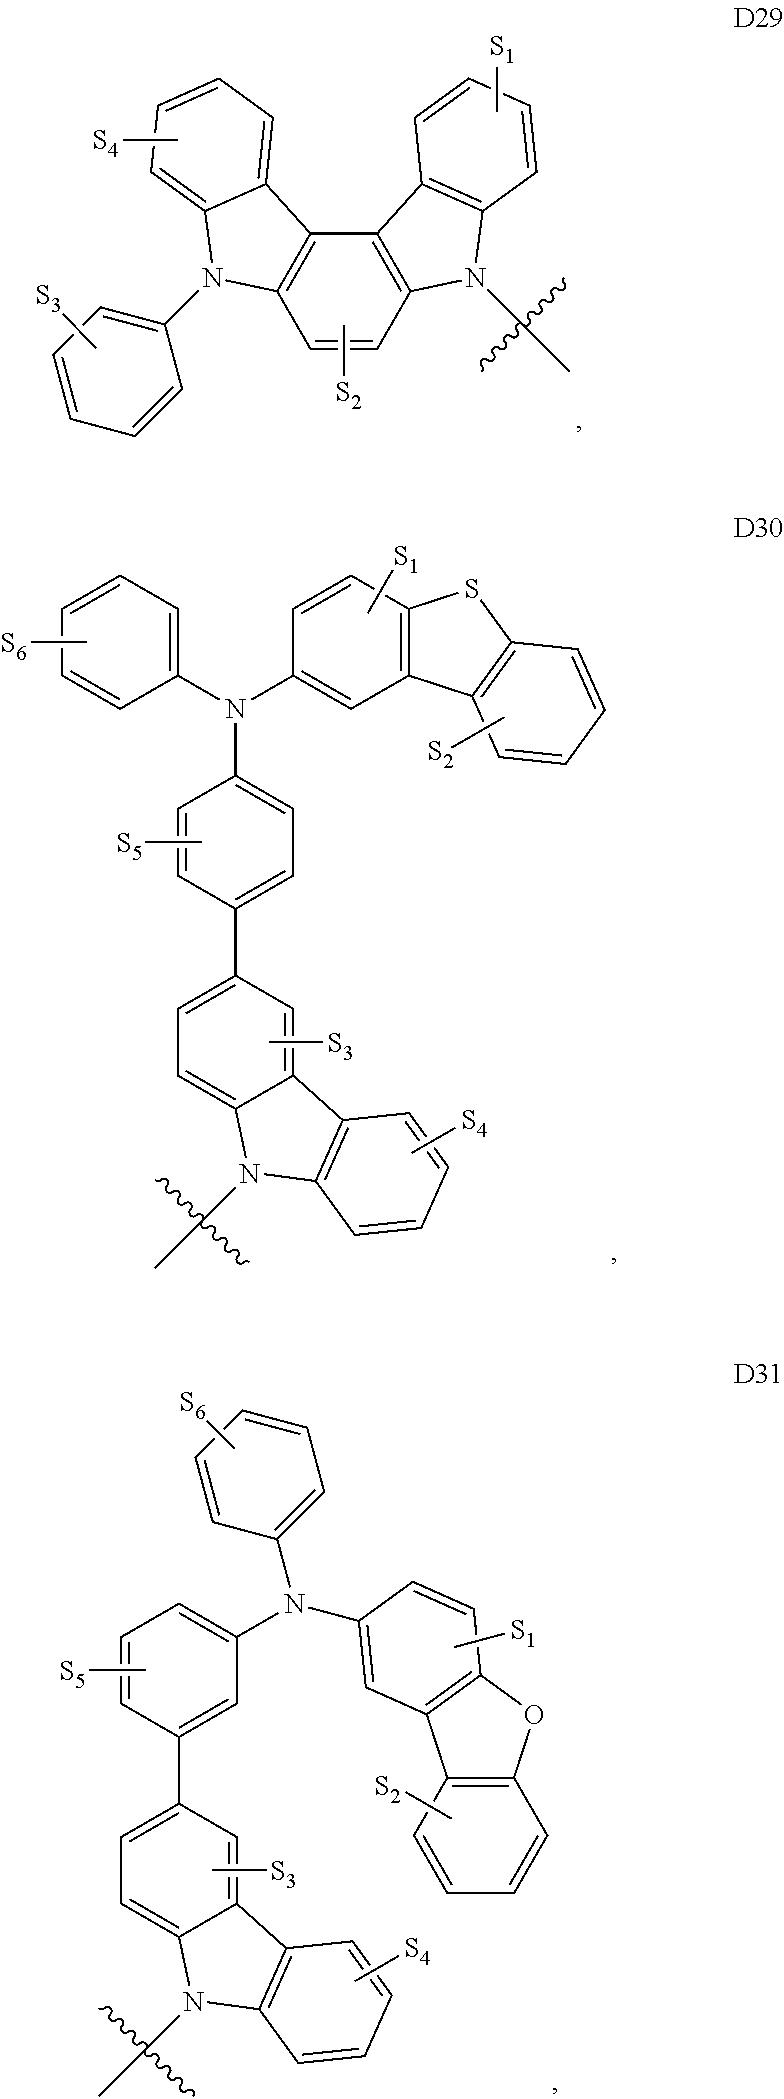 Figure US09324949-20160426-C00012